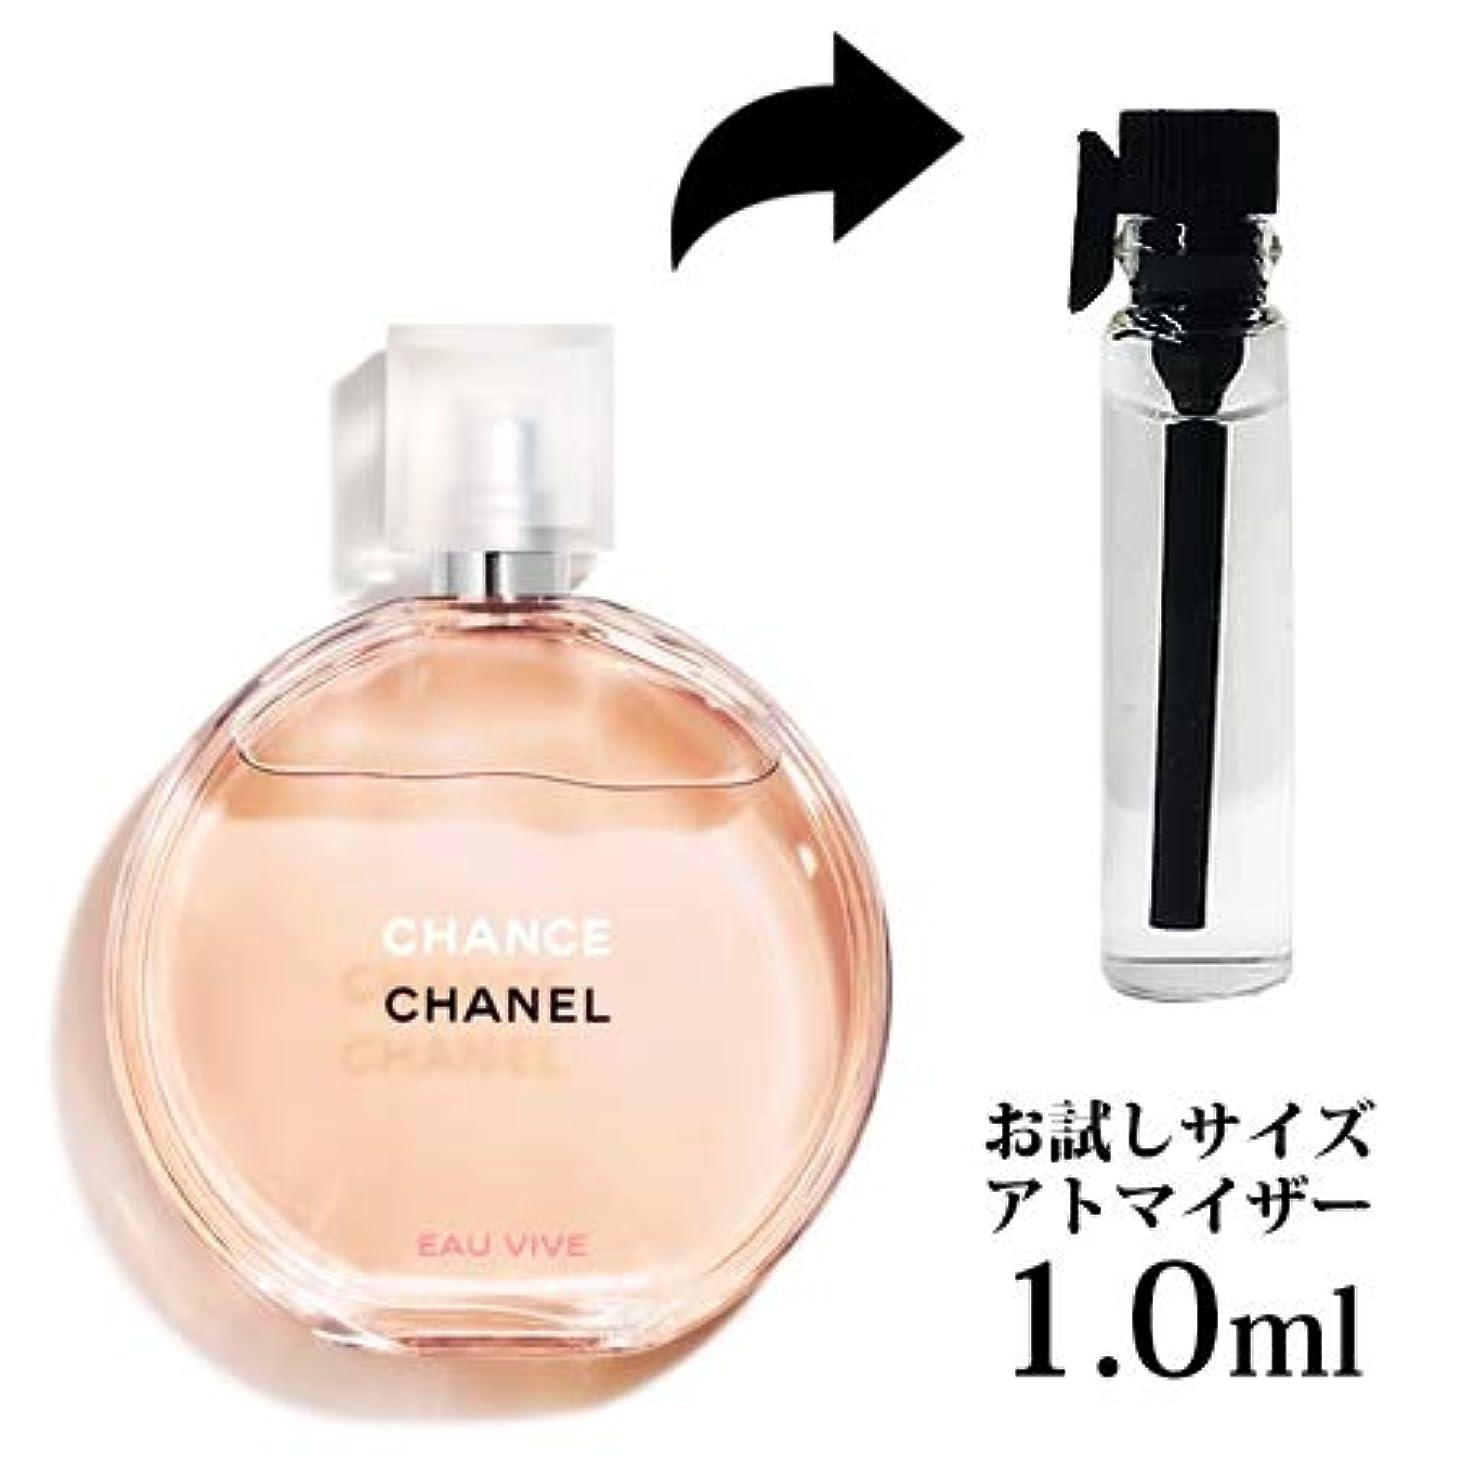 シャネル チャンス オーヴィーヴ オードトワレ EDT 1ml -CHANEL- 【並行輸入品】